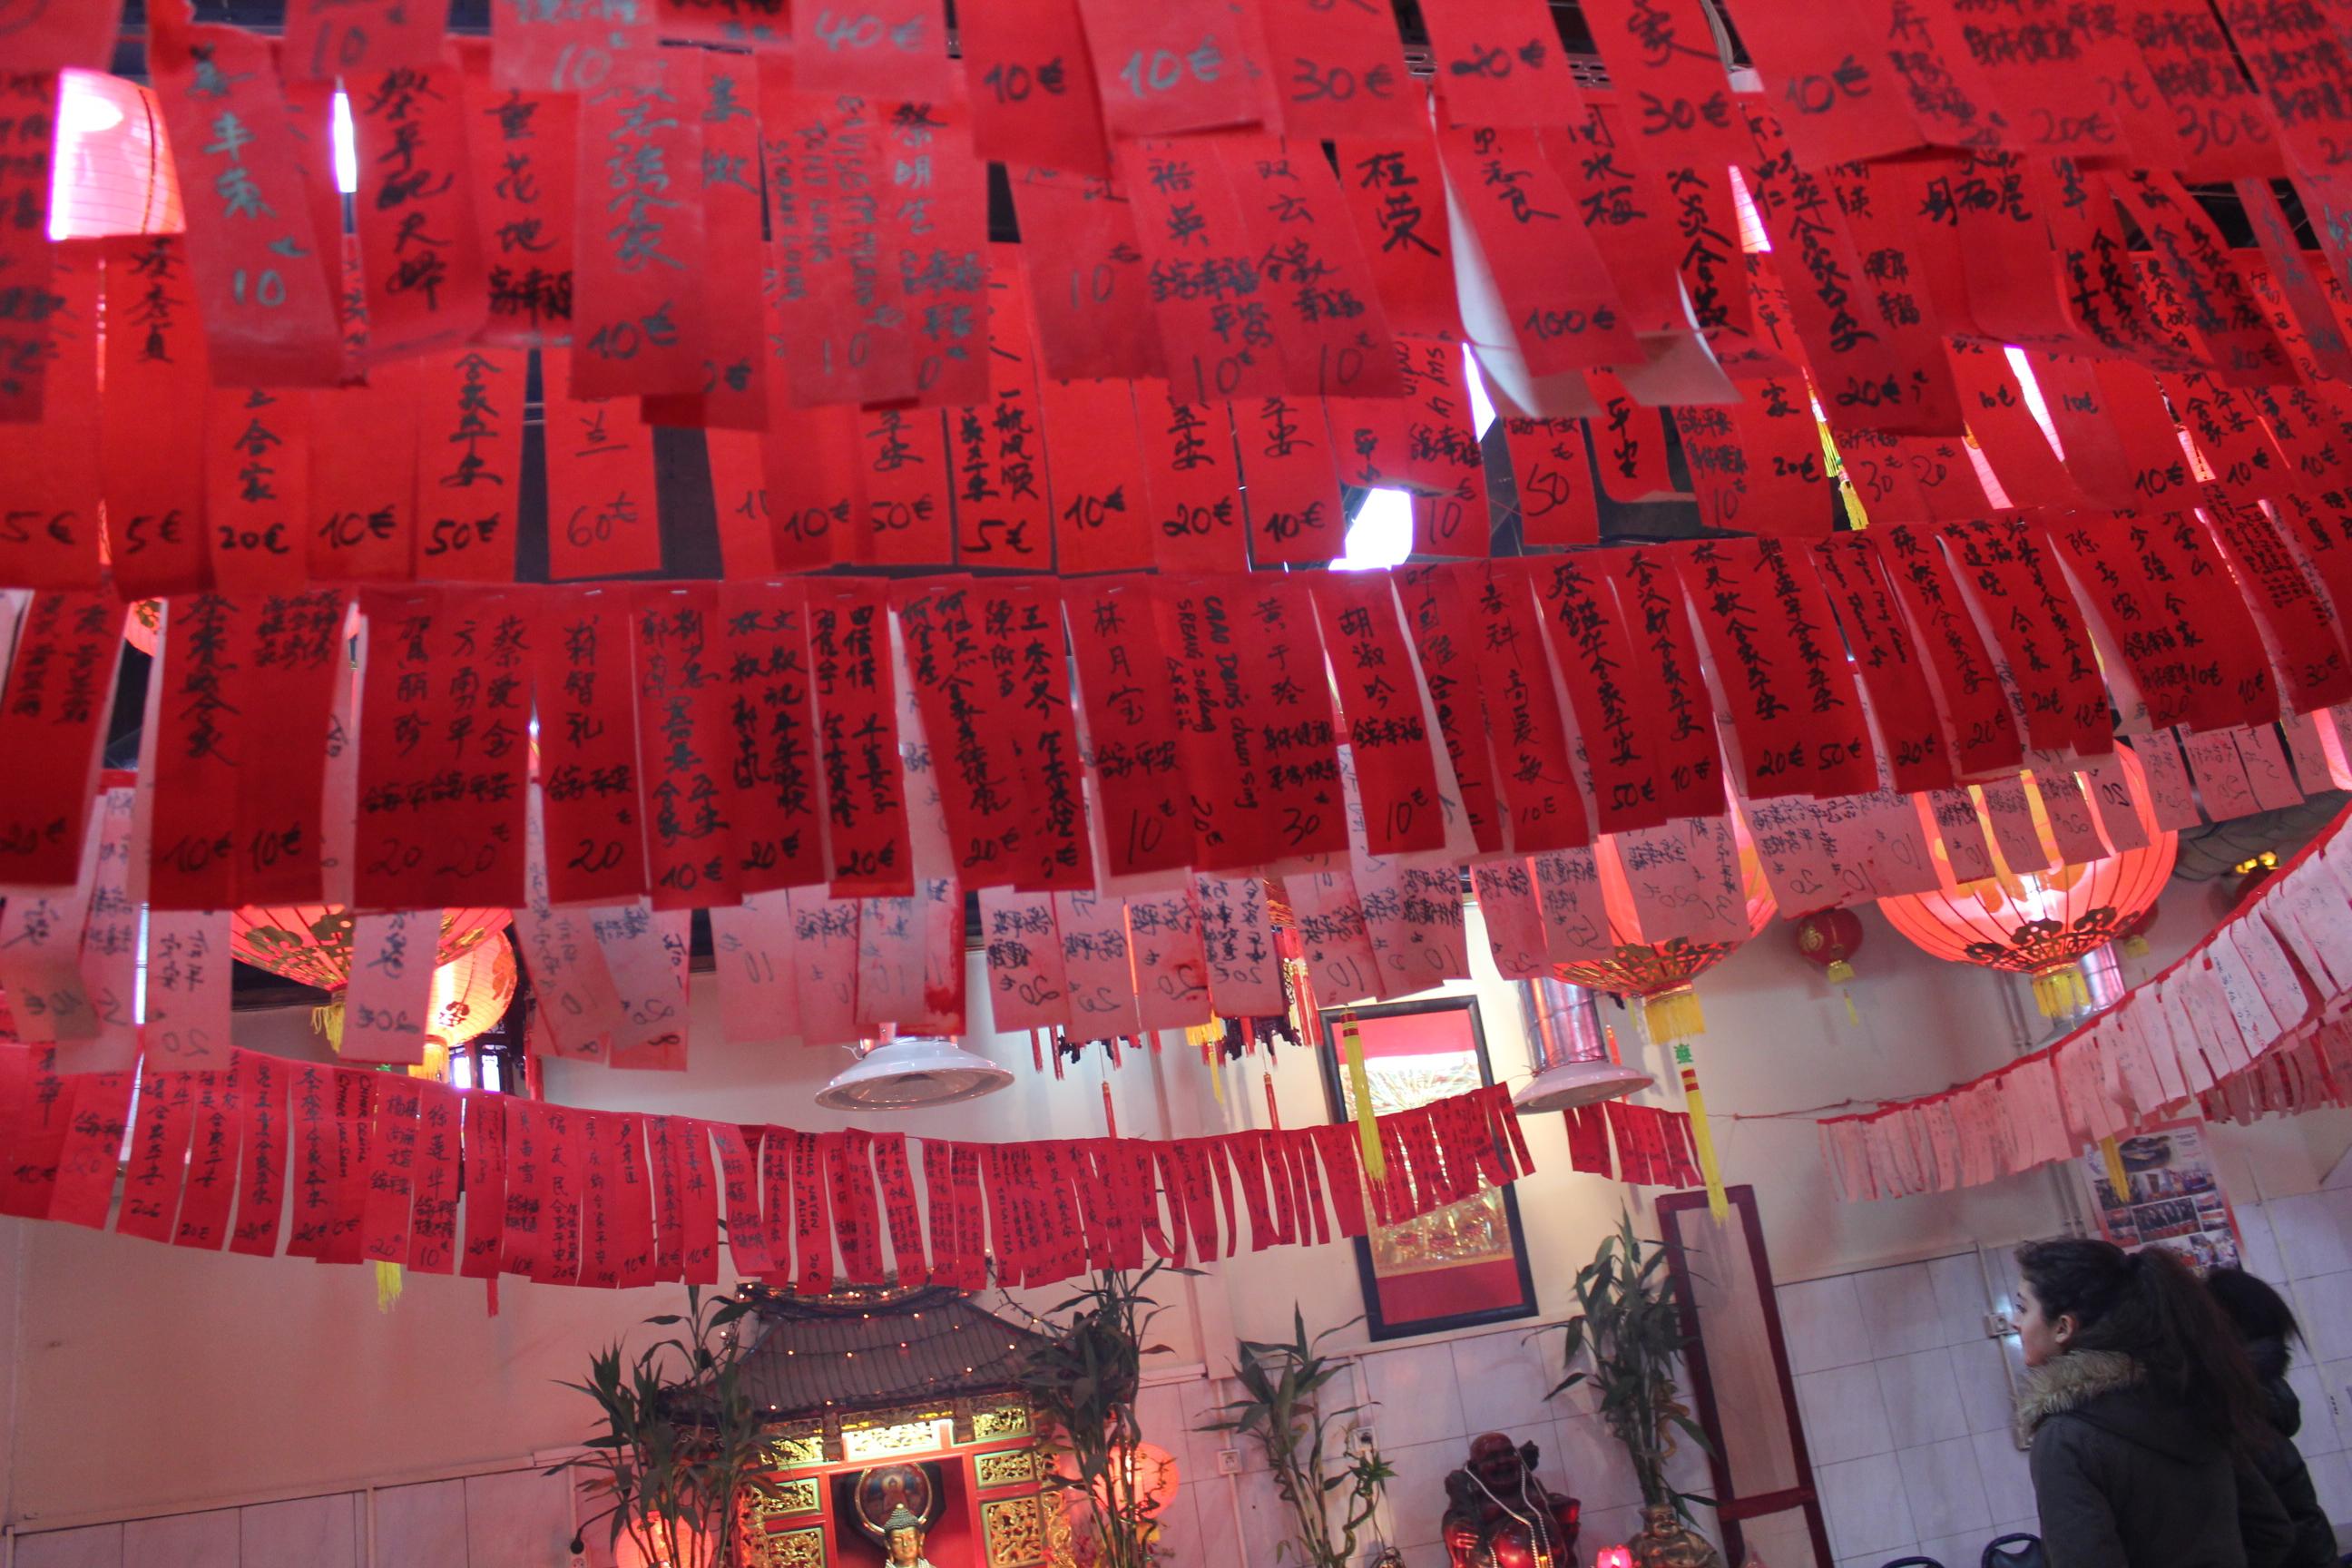 Jing WANG - nouvel an chinois - le monde refait - les voeux de la communaute religieuse